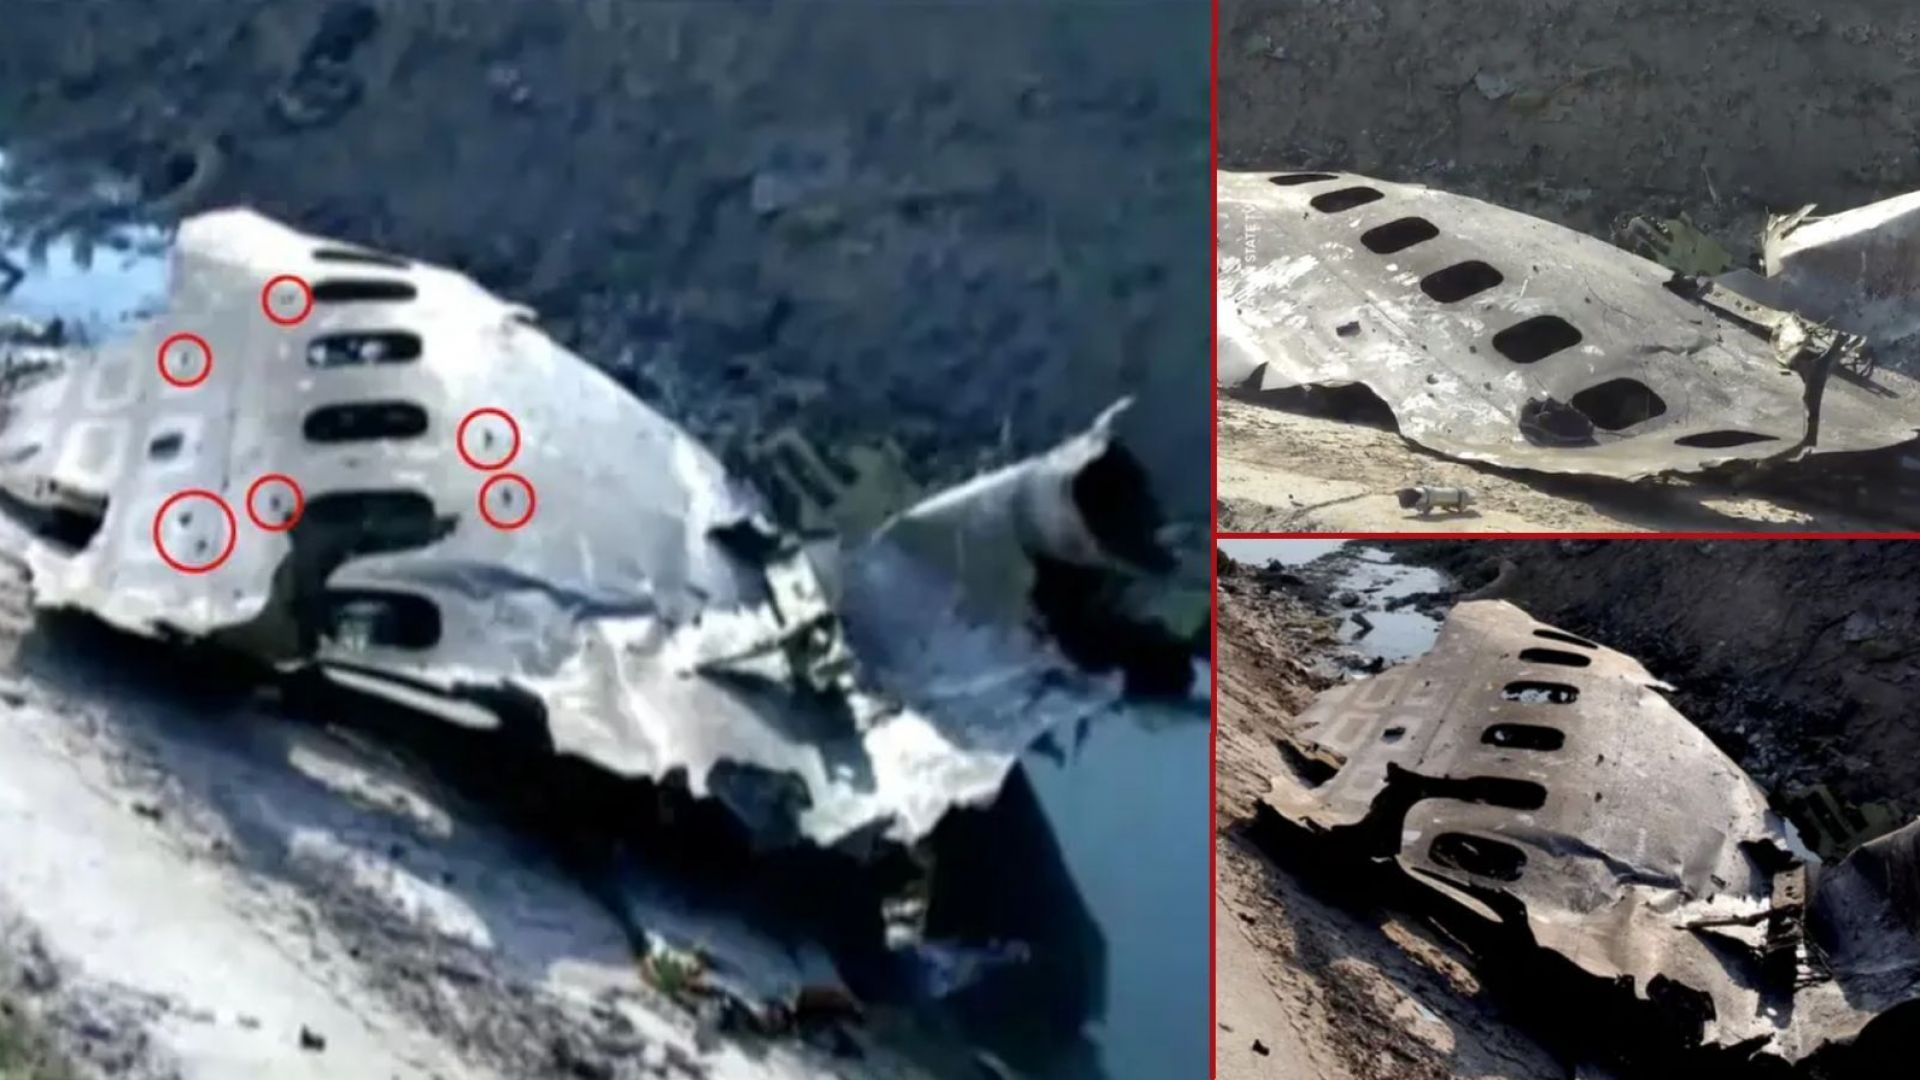 Камъни или шрапнели? Експерти анализират пробойни по корпуса на украинския Боинг